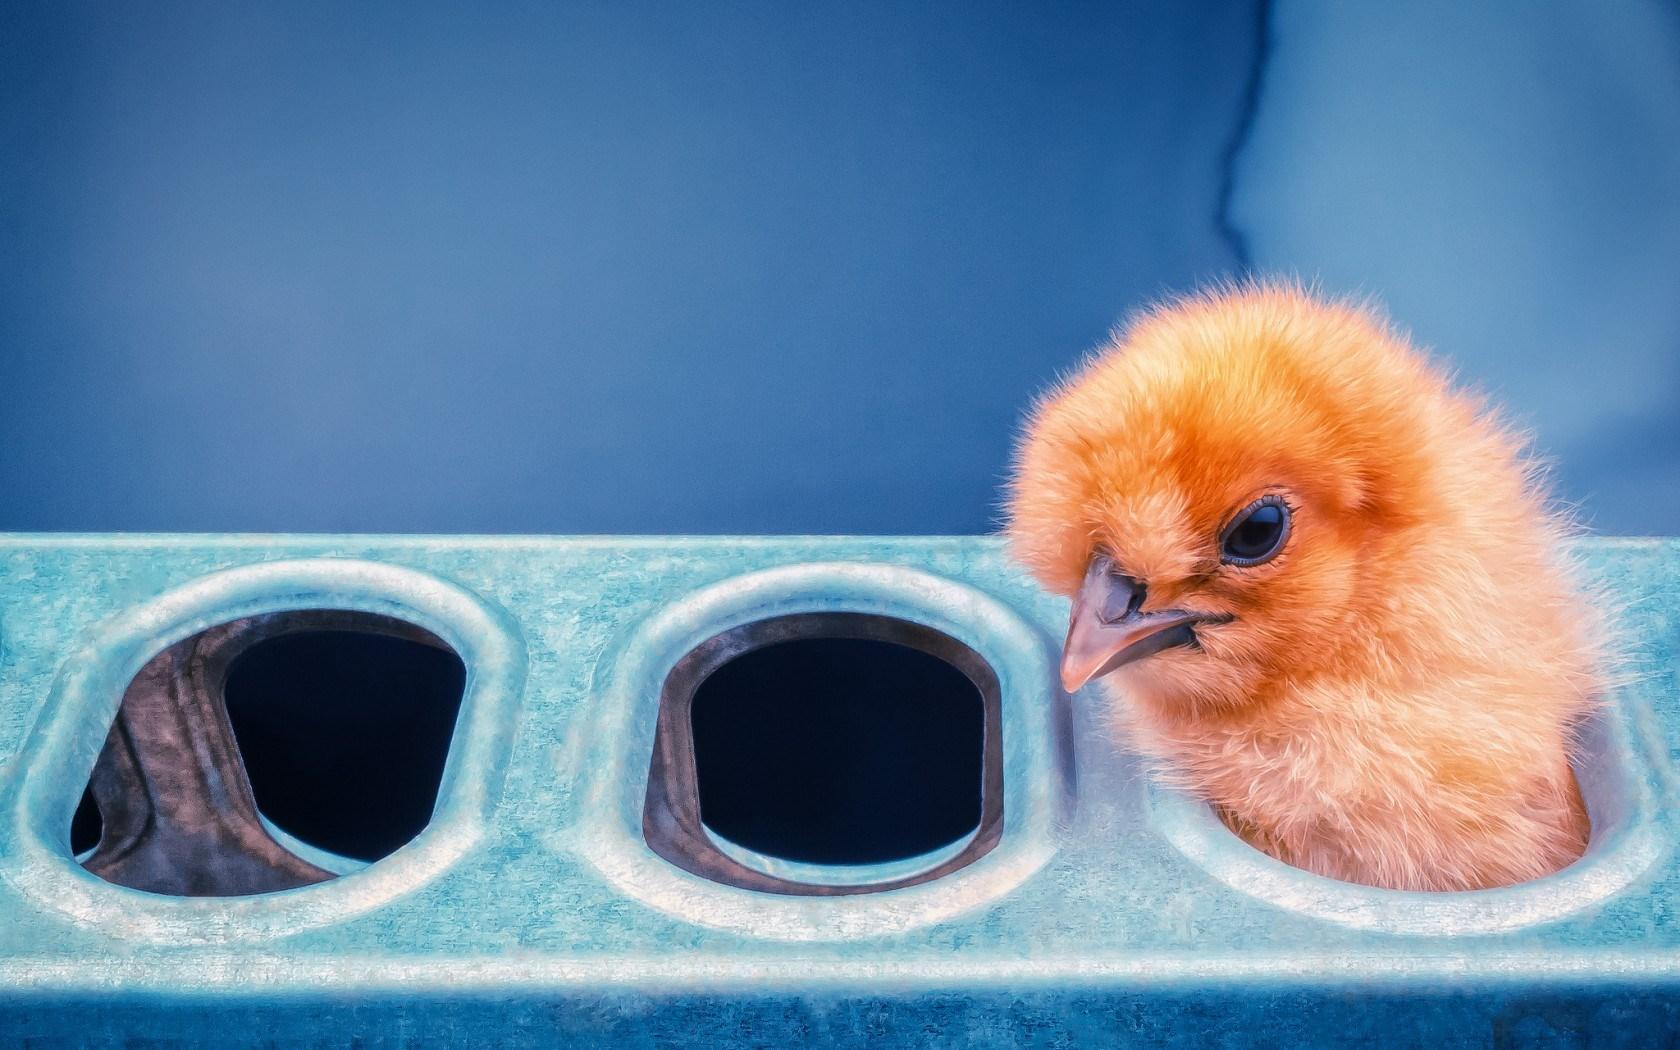 funny wallpaper chicken